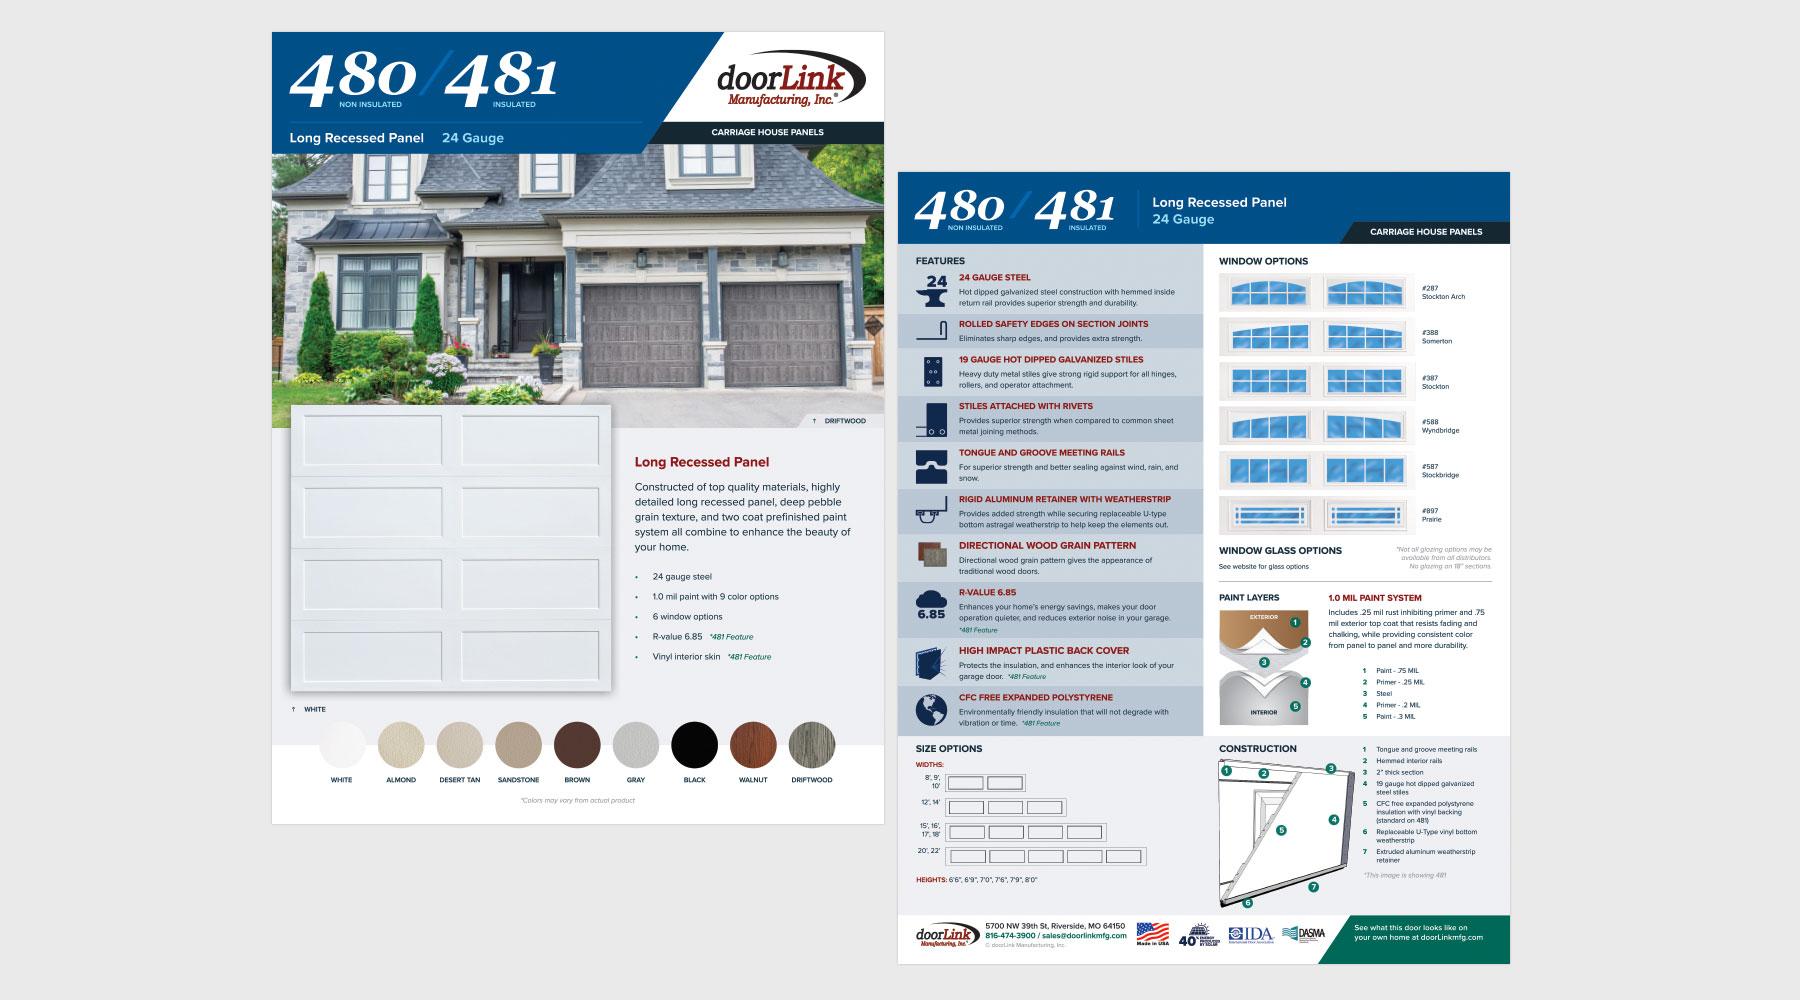 Graphic Design - Product Brochure Design - doorLink Manufacturing, Inc. #2